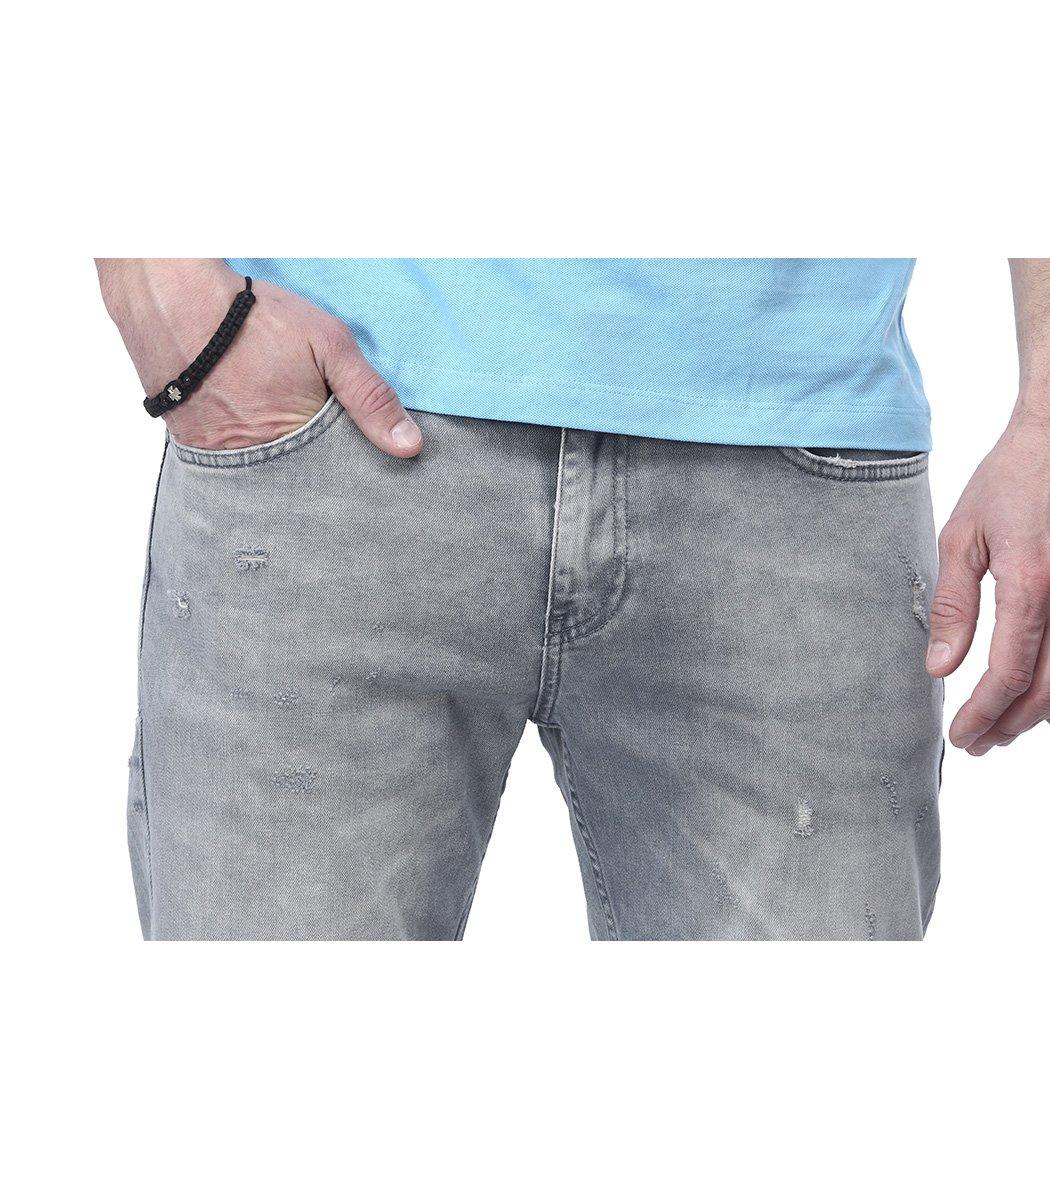 Серые джинсы Emporio Armani гранж 3145 - Серый - Вид 5